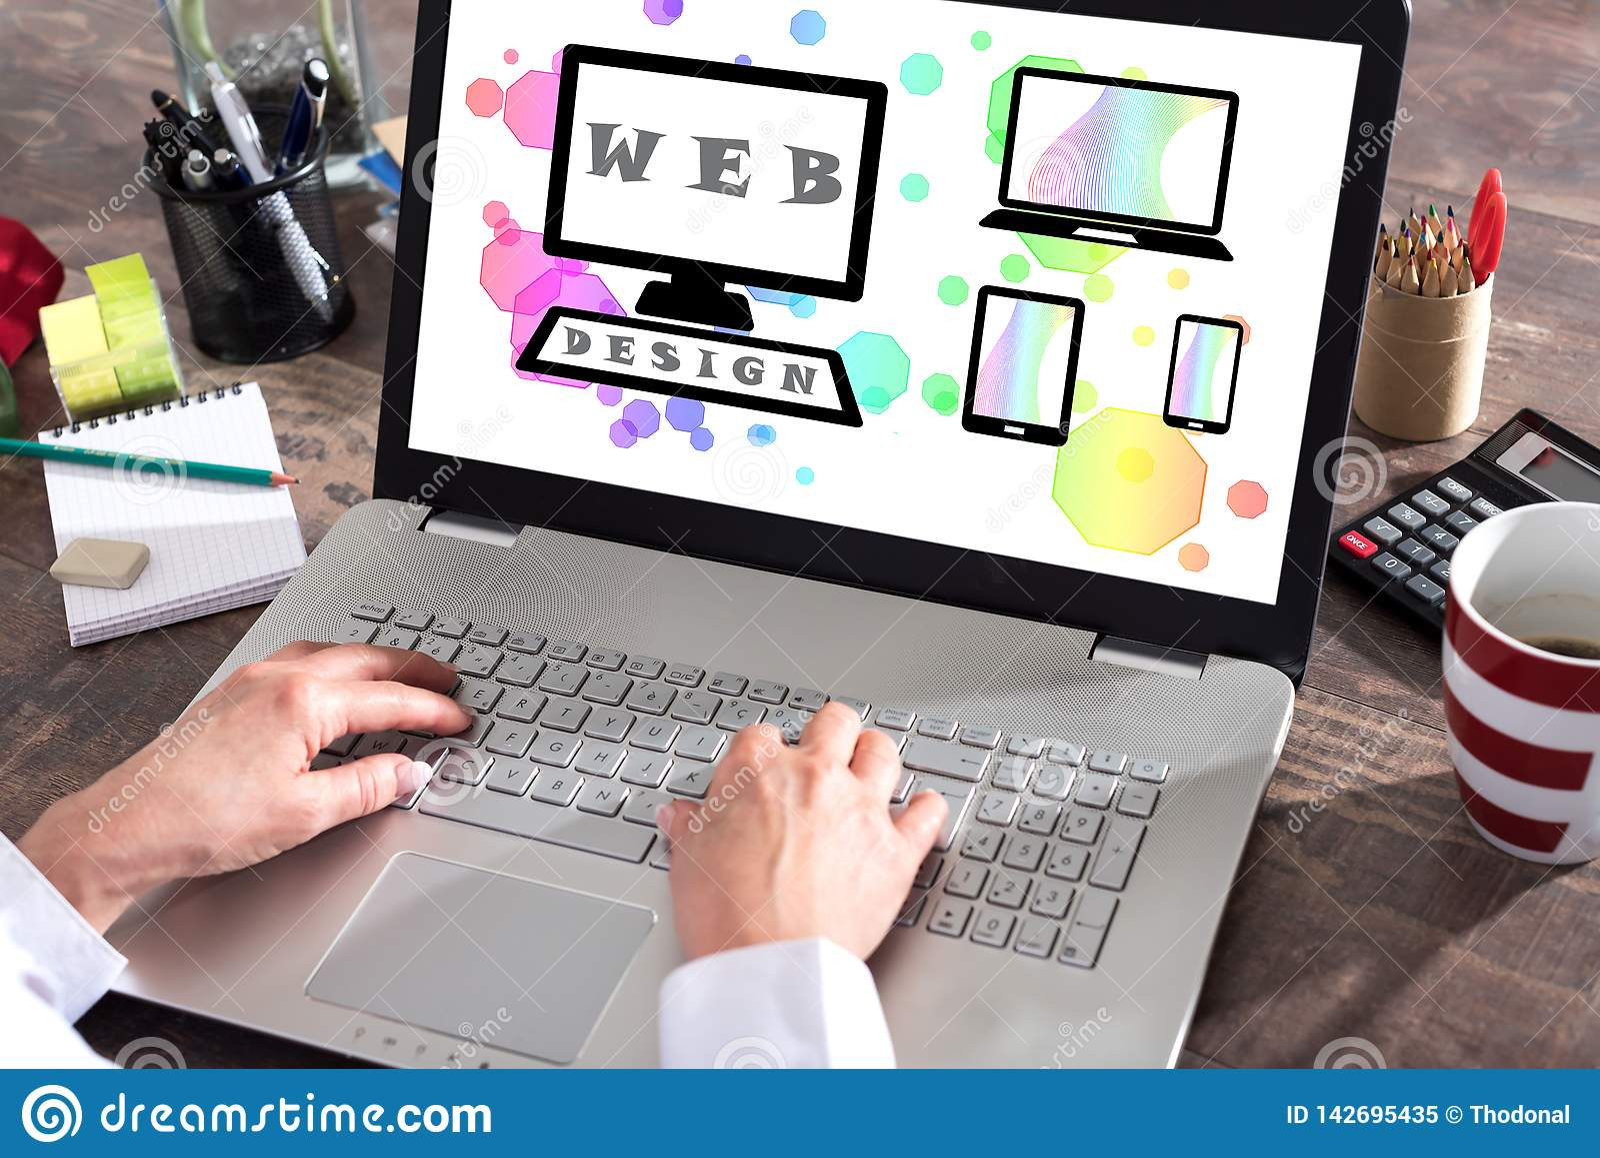 Concept de web design sur un écran d ordinateur portable